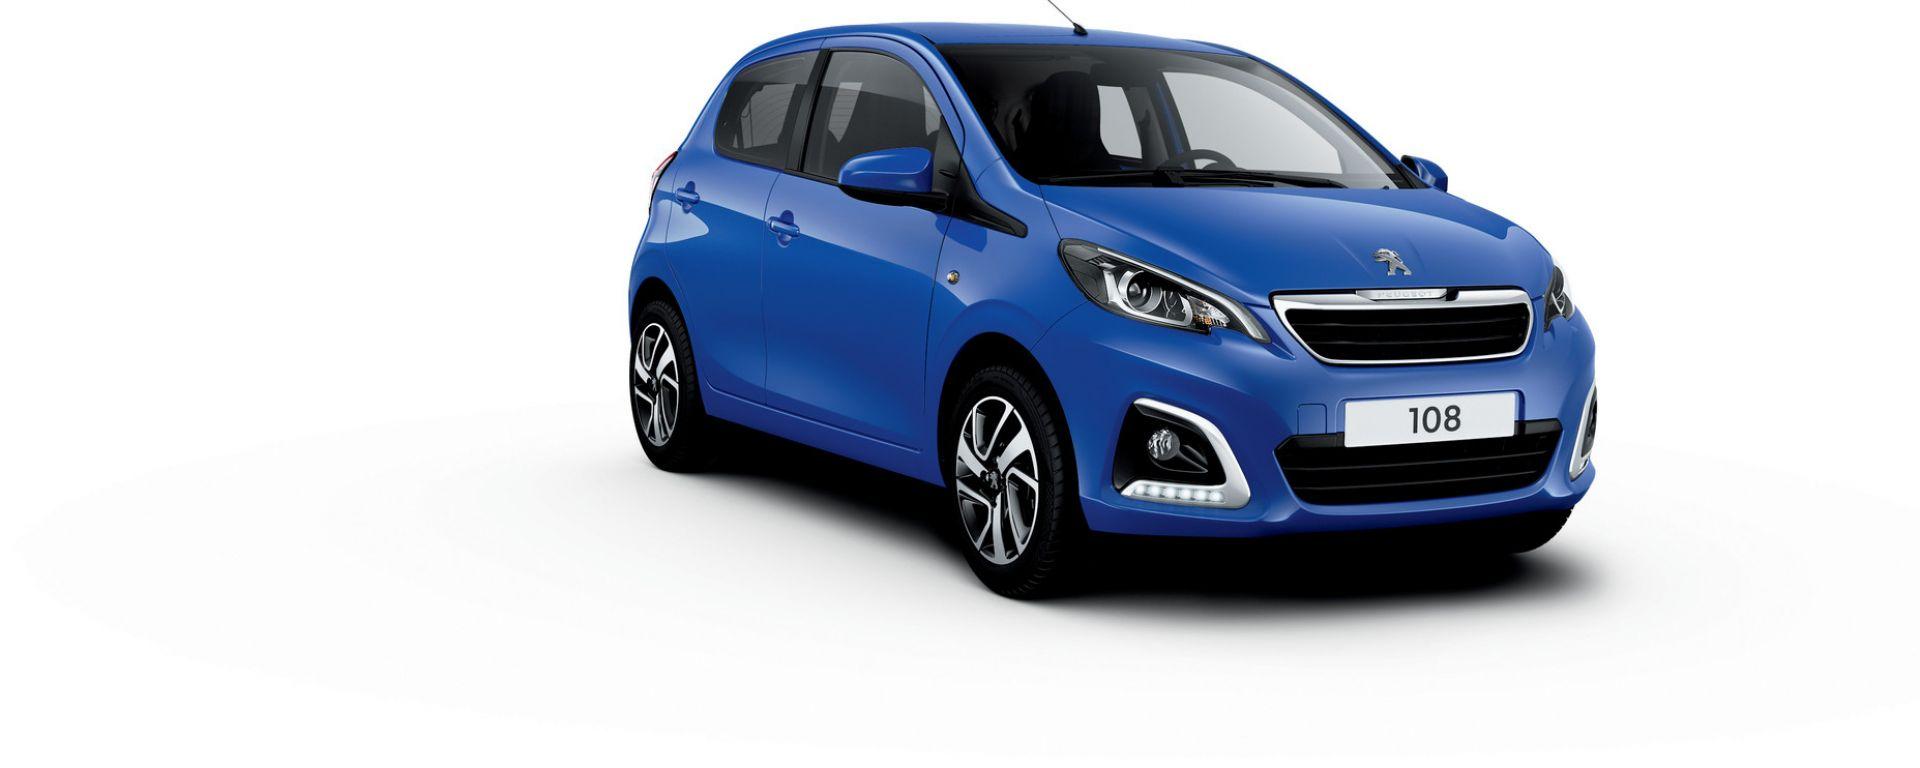 Peugeot 108 2020, il nuovo colore Blue Calvi metallizzato